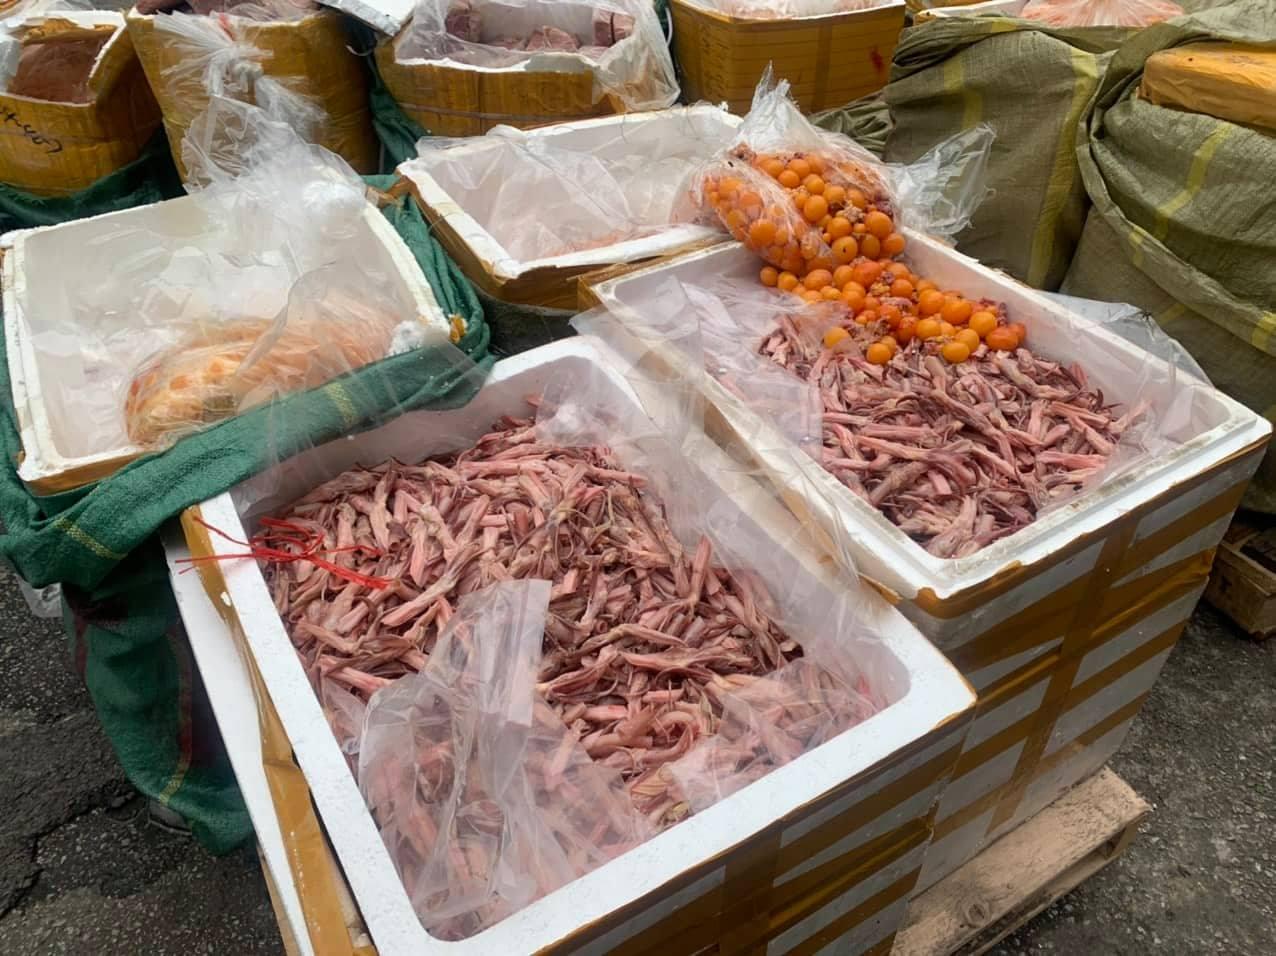 Bắt giữ gần 5 tấn lưỡi vịt, nầm lợn bốc mùi tại siêu thị ở Hà Nội - Ảnh 2